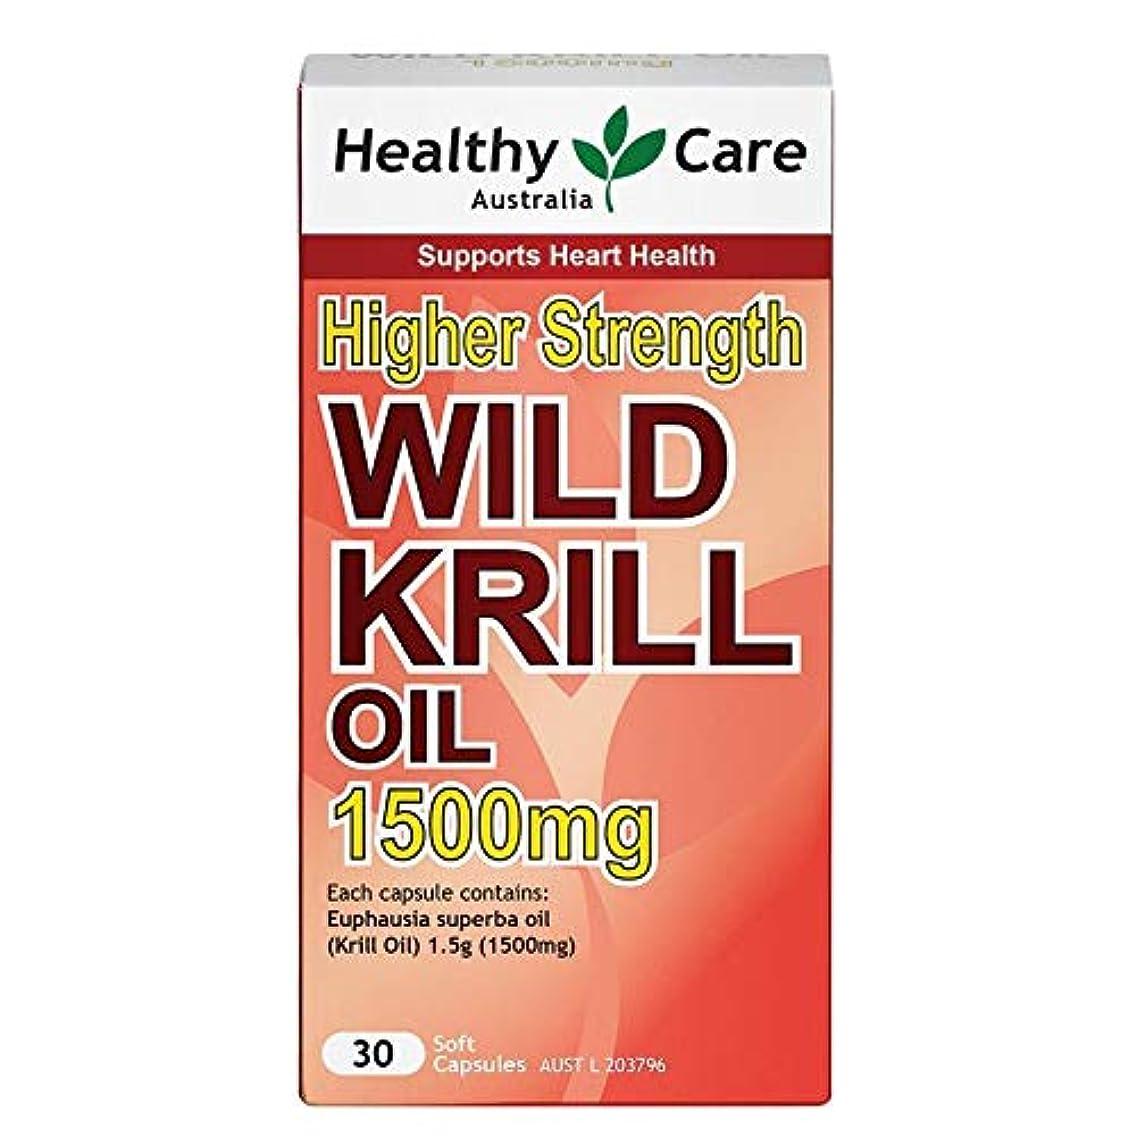 課税女性柔らかさ[Health Care]ワイルドオキアミオイル (30cap) Wild Krill Oil 1500mg [海外直送品]